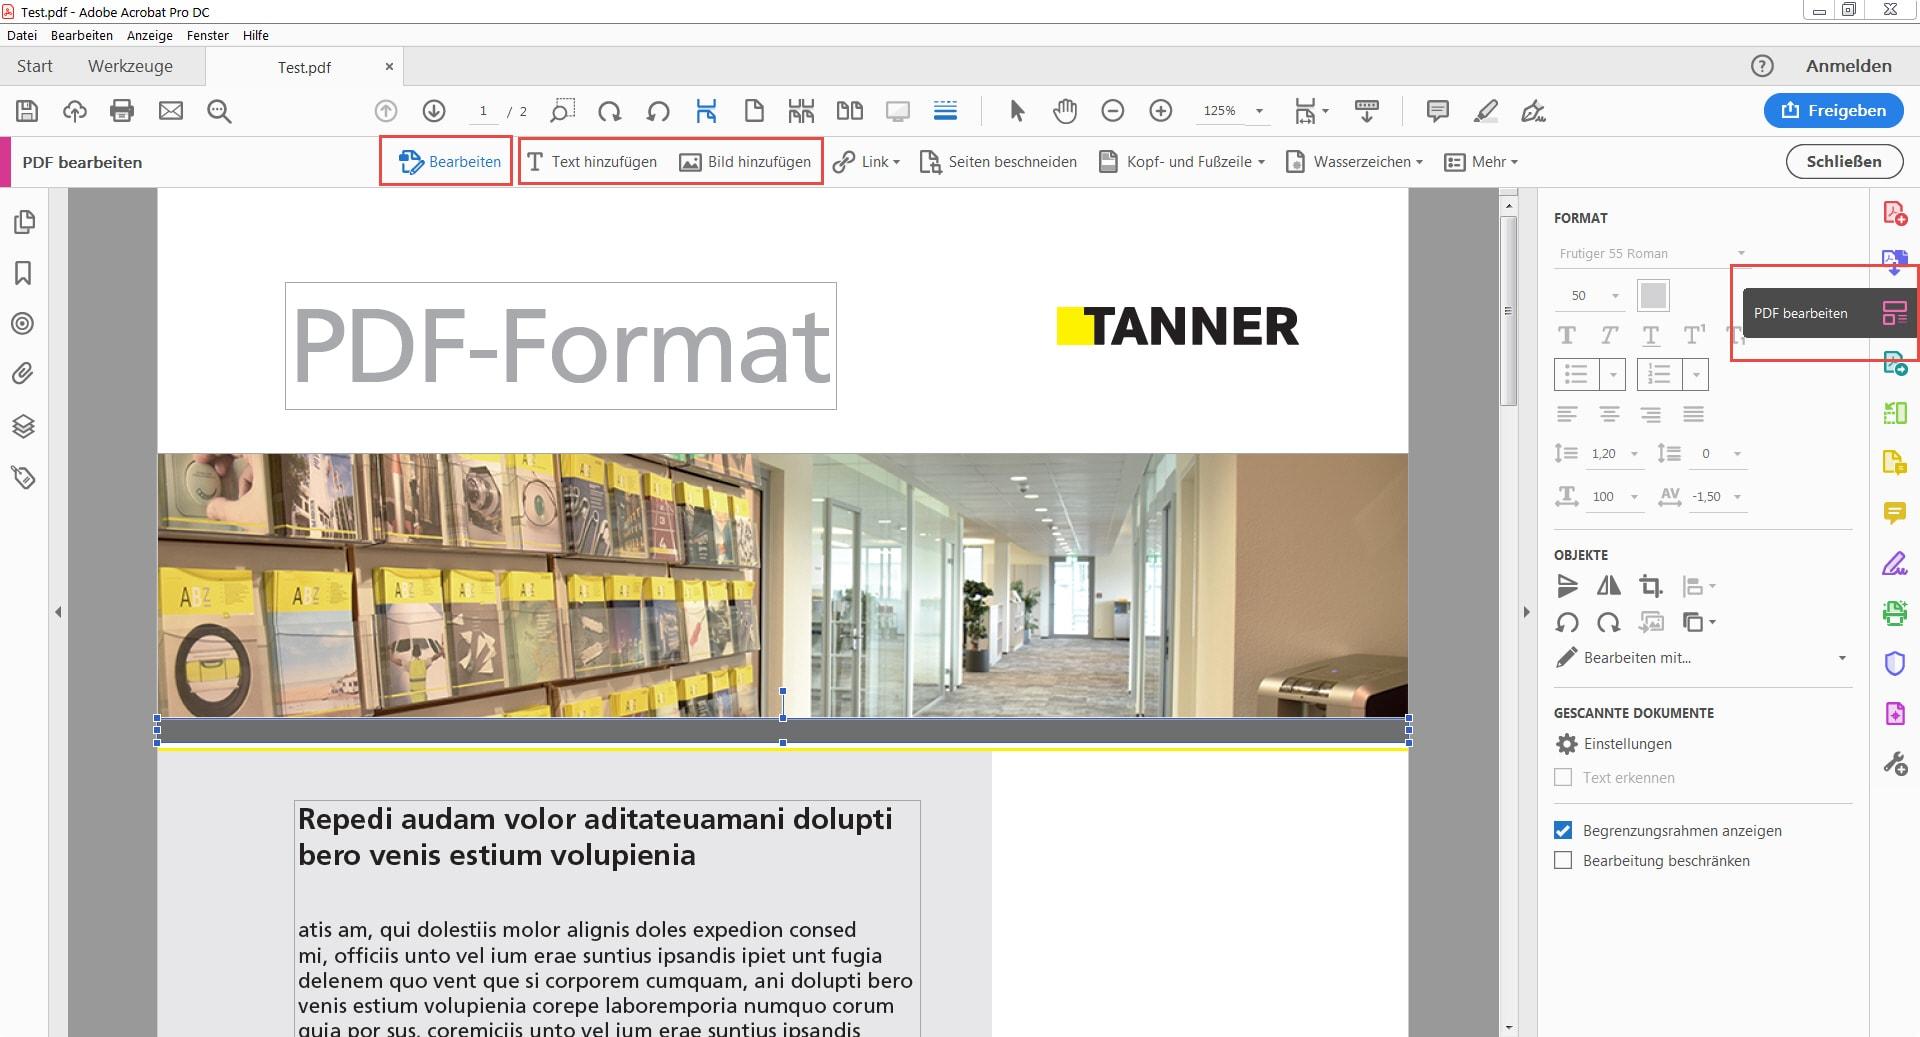 PDF-Dokument bearbeiten Möglichkeiten